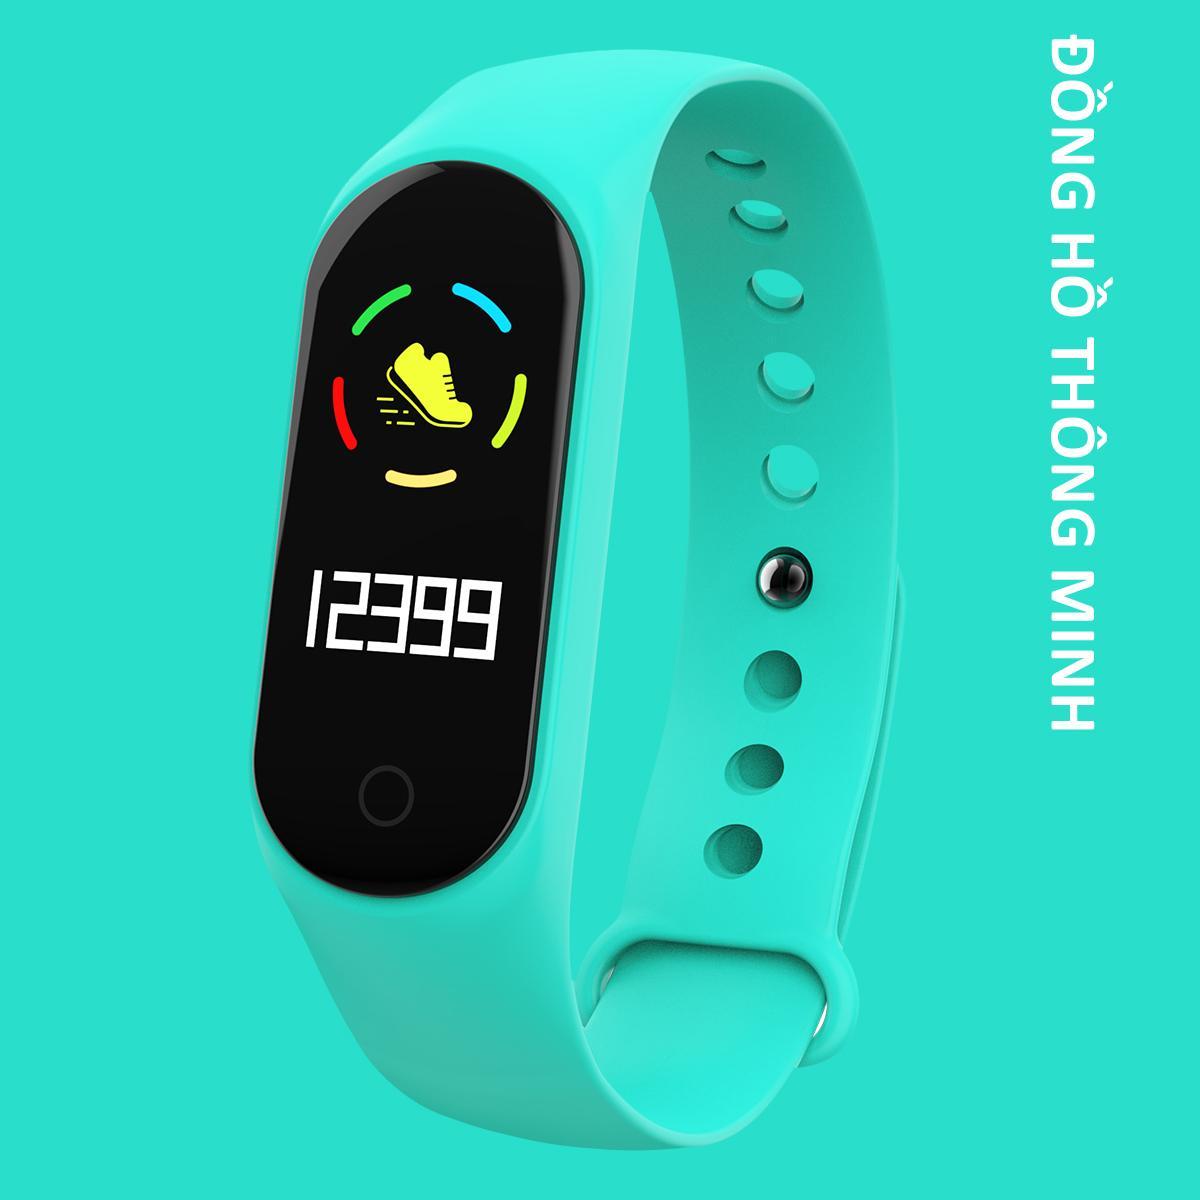 Vòng đeo tay thông minh Đo Nhịp Tim kết nối Bluetooth.Đồng hồ Thông Minh Chống Nước Vòng Tay Đồng Hồ Dây Đeo Tay Tập Thể Thao, Vòng Theo Dõi Sức khỏe bảo hành 12 tháng Xiaomi 4